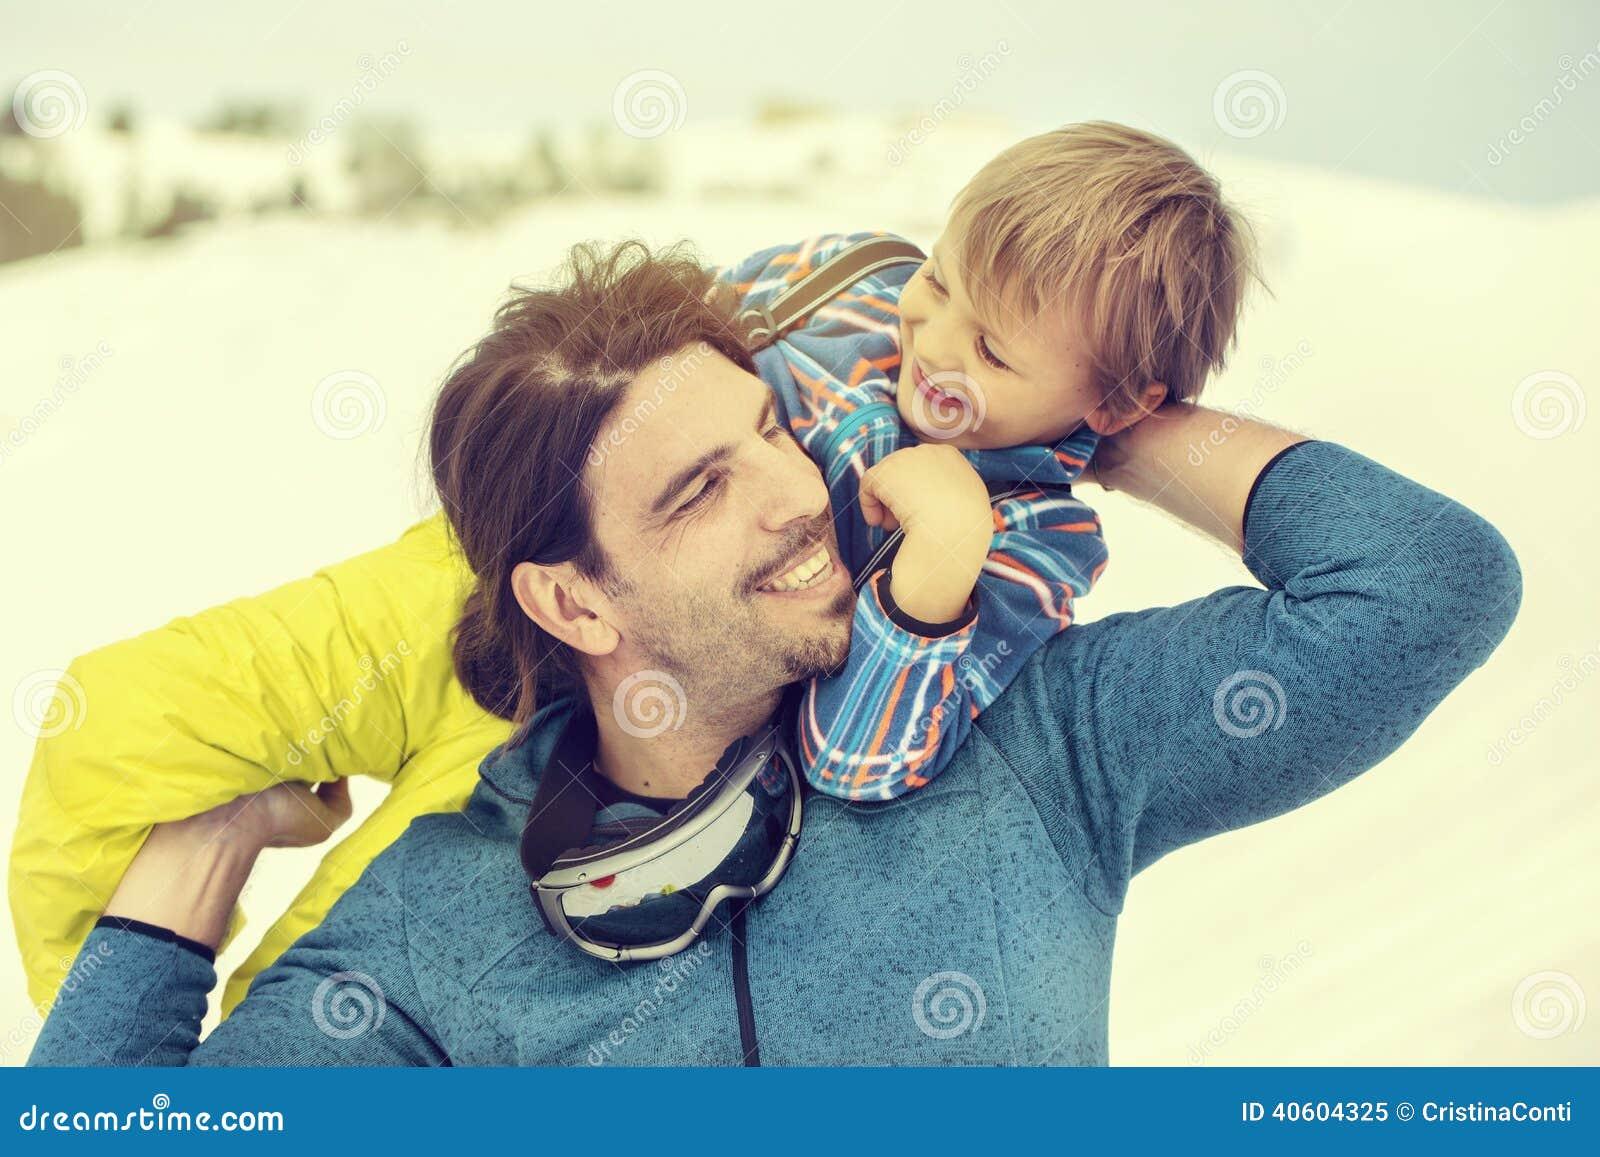 Bringen Sie seinen Sohn in den Schnee mit Weichheit liebevoll anheben hervor